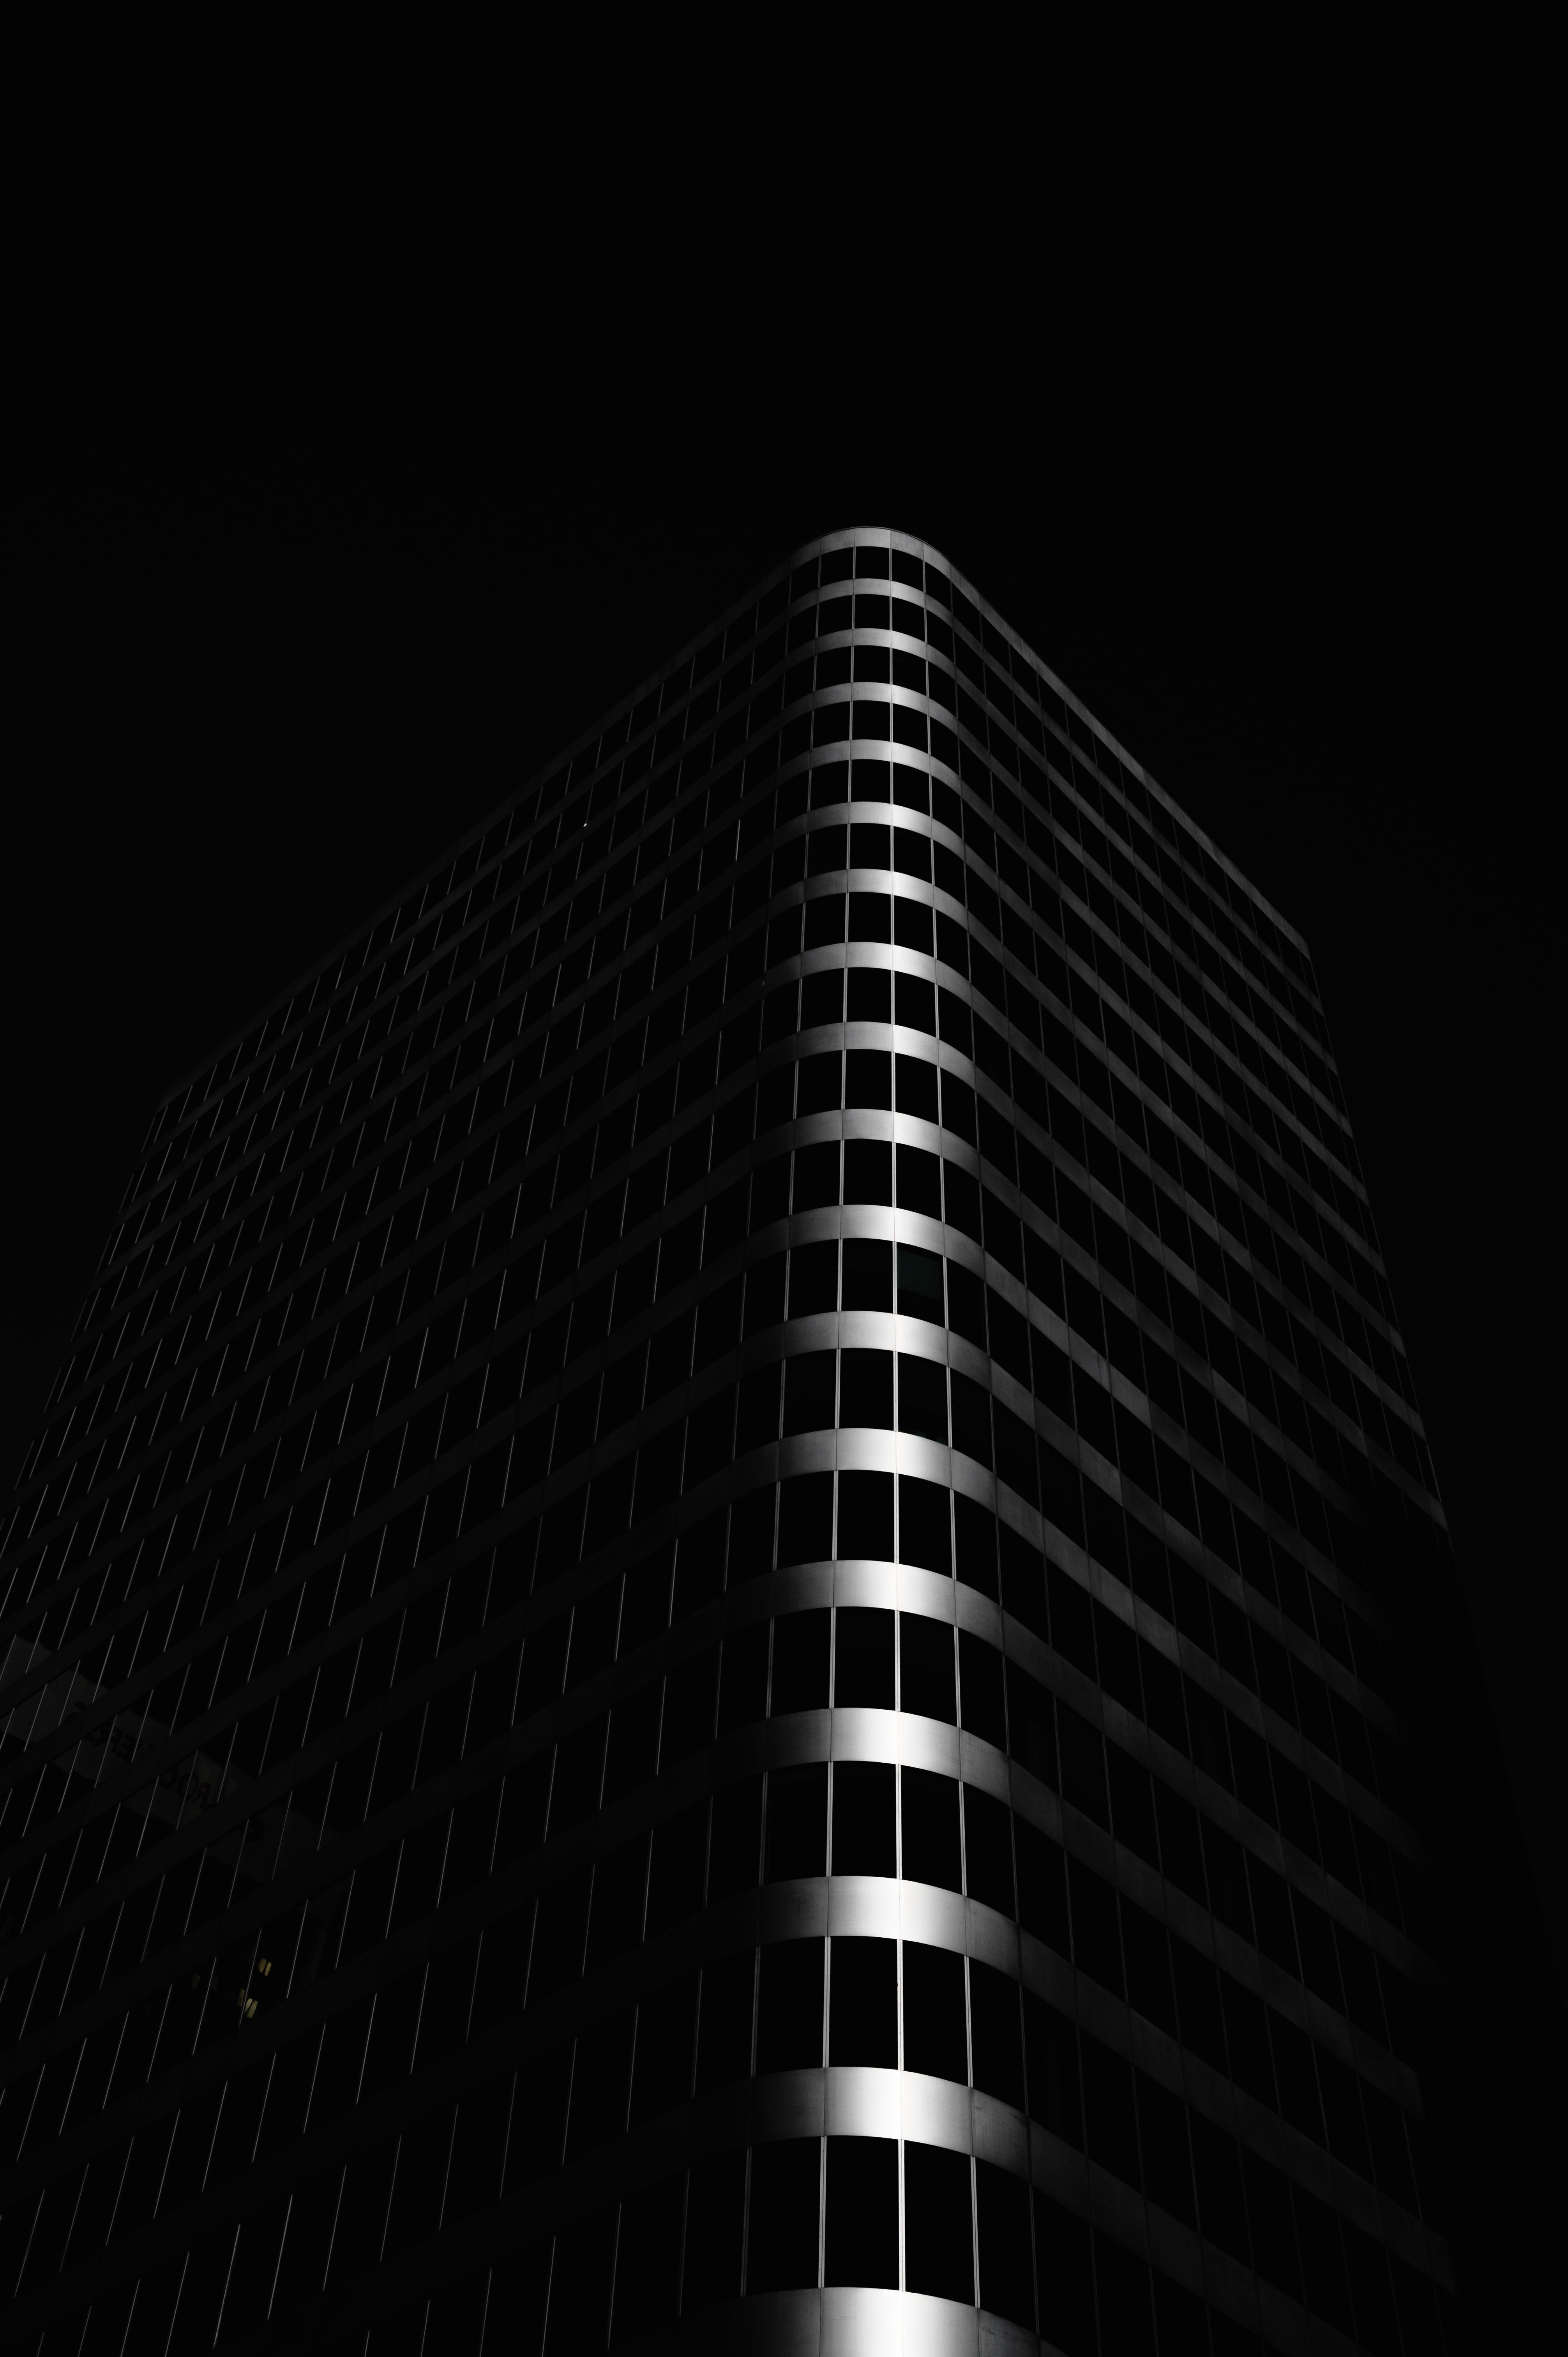 89054 descarga Negro fondos de pantalla para tu teléfono gratis, Edificio, El Negro, Oscuro, Arquitectura Negro imágenes y protectores de pantalla para tu teléfono